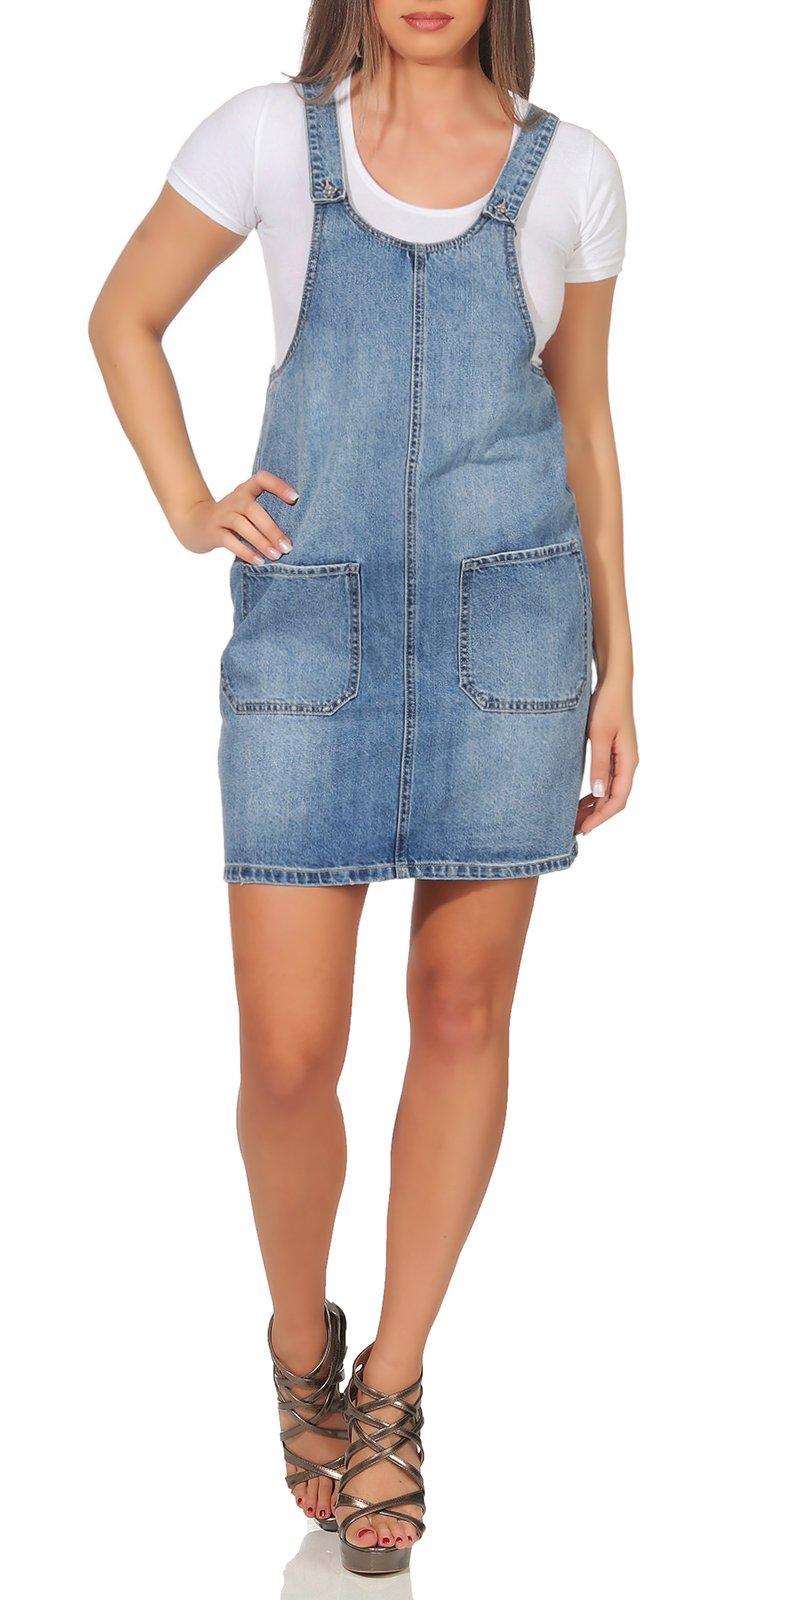 Vero Moda Damen Jeans Kleid Kali Pinafort | Röcke/ Kleider ...